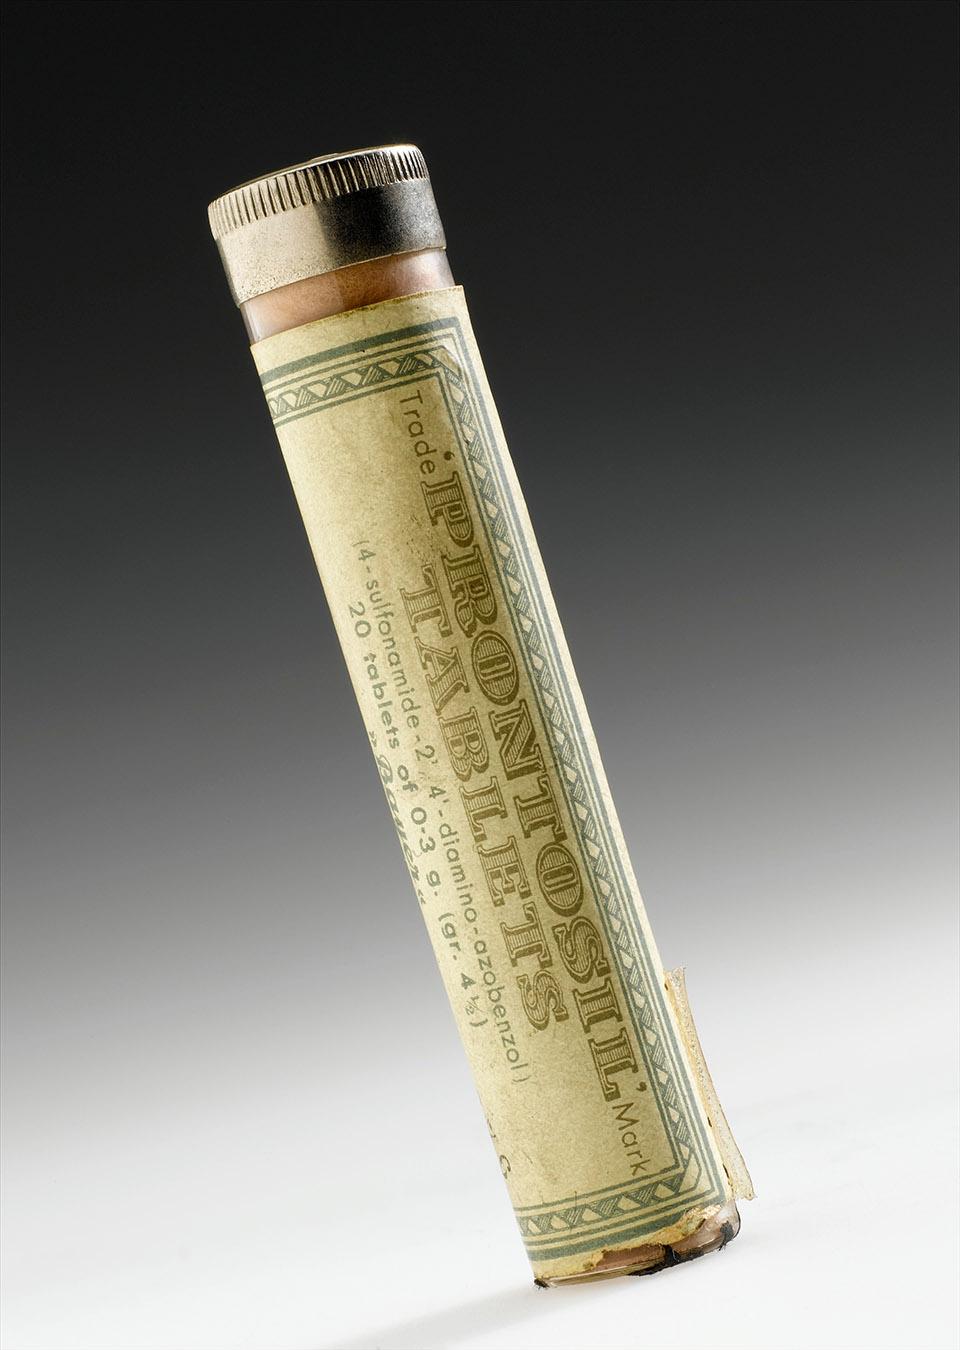 Confezione di tavolette di Prontosil, Germania, 1935 - 1950